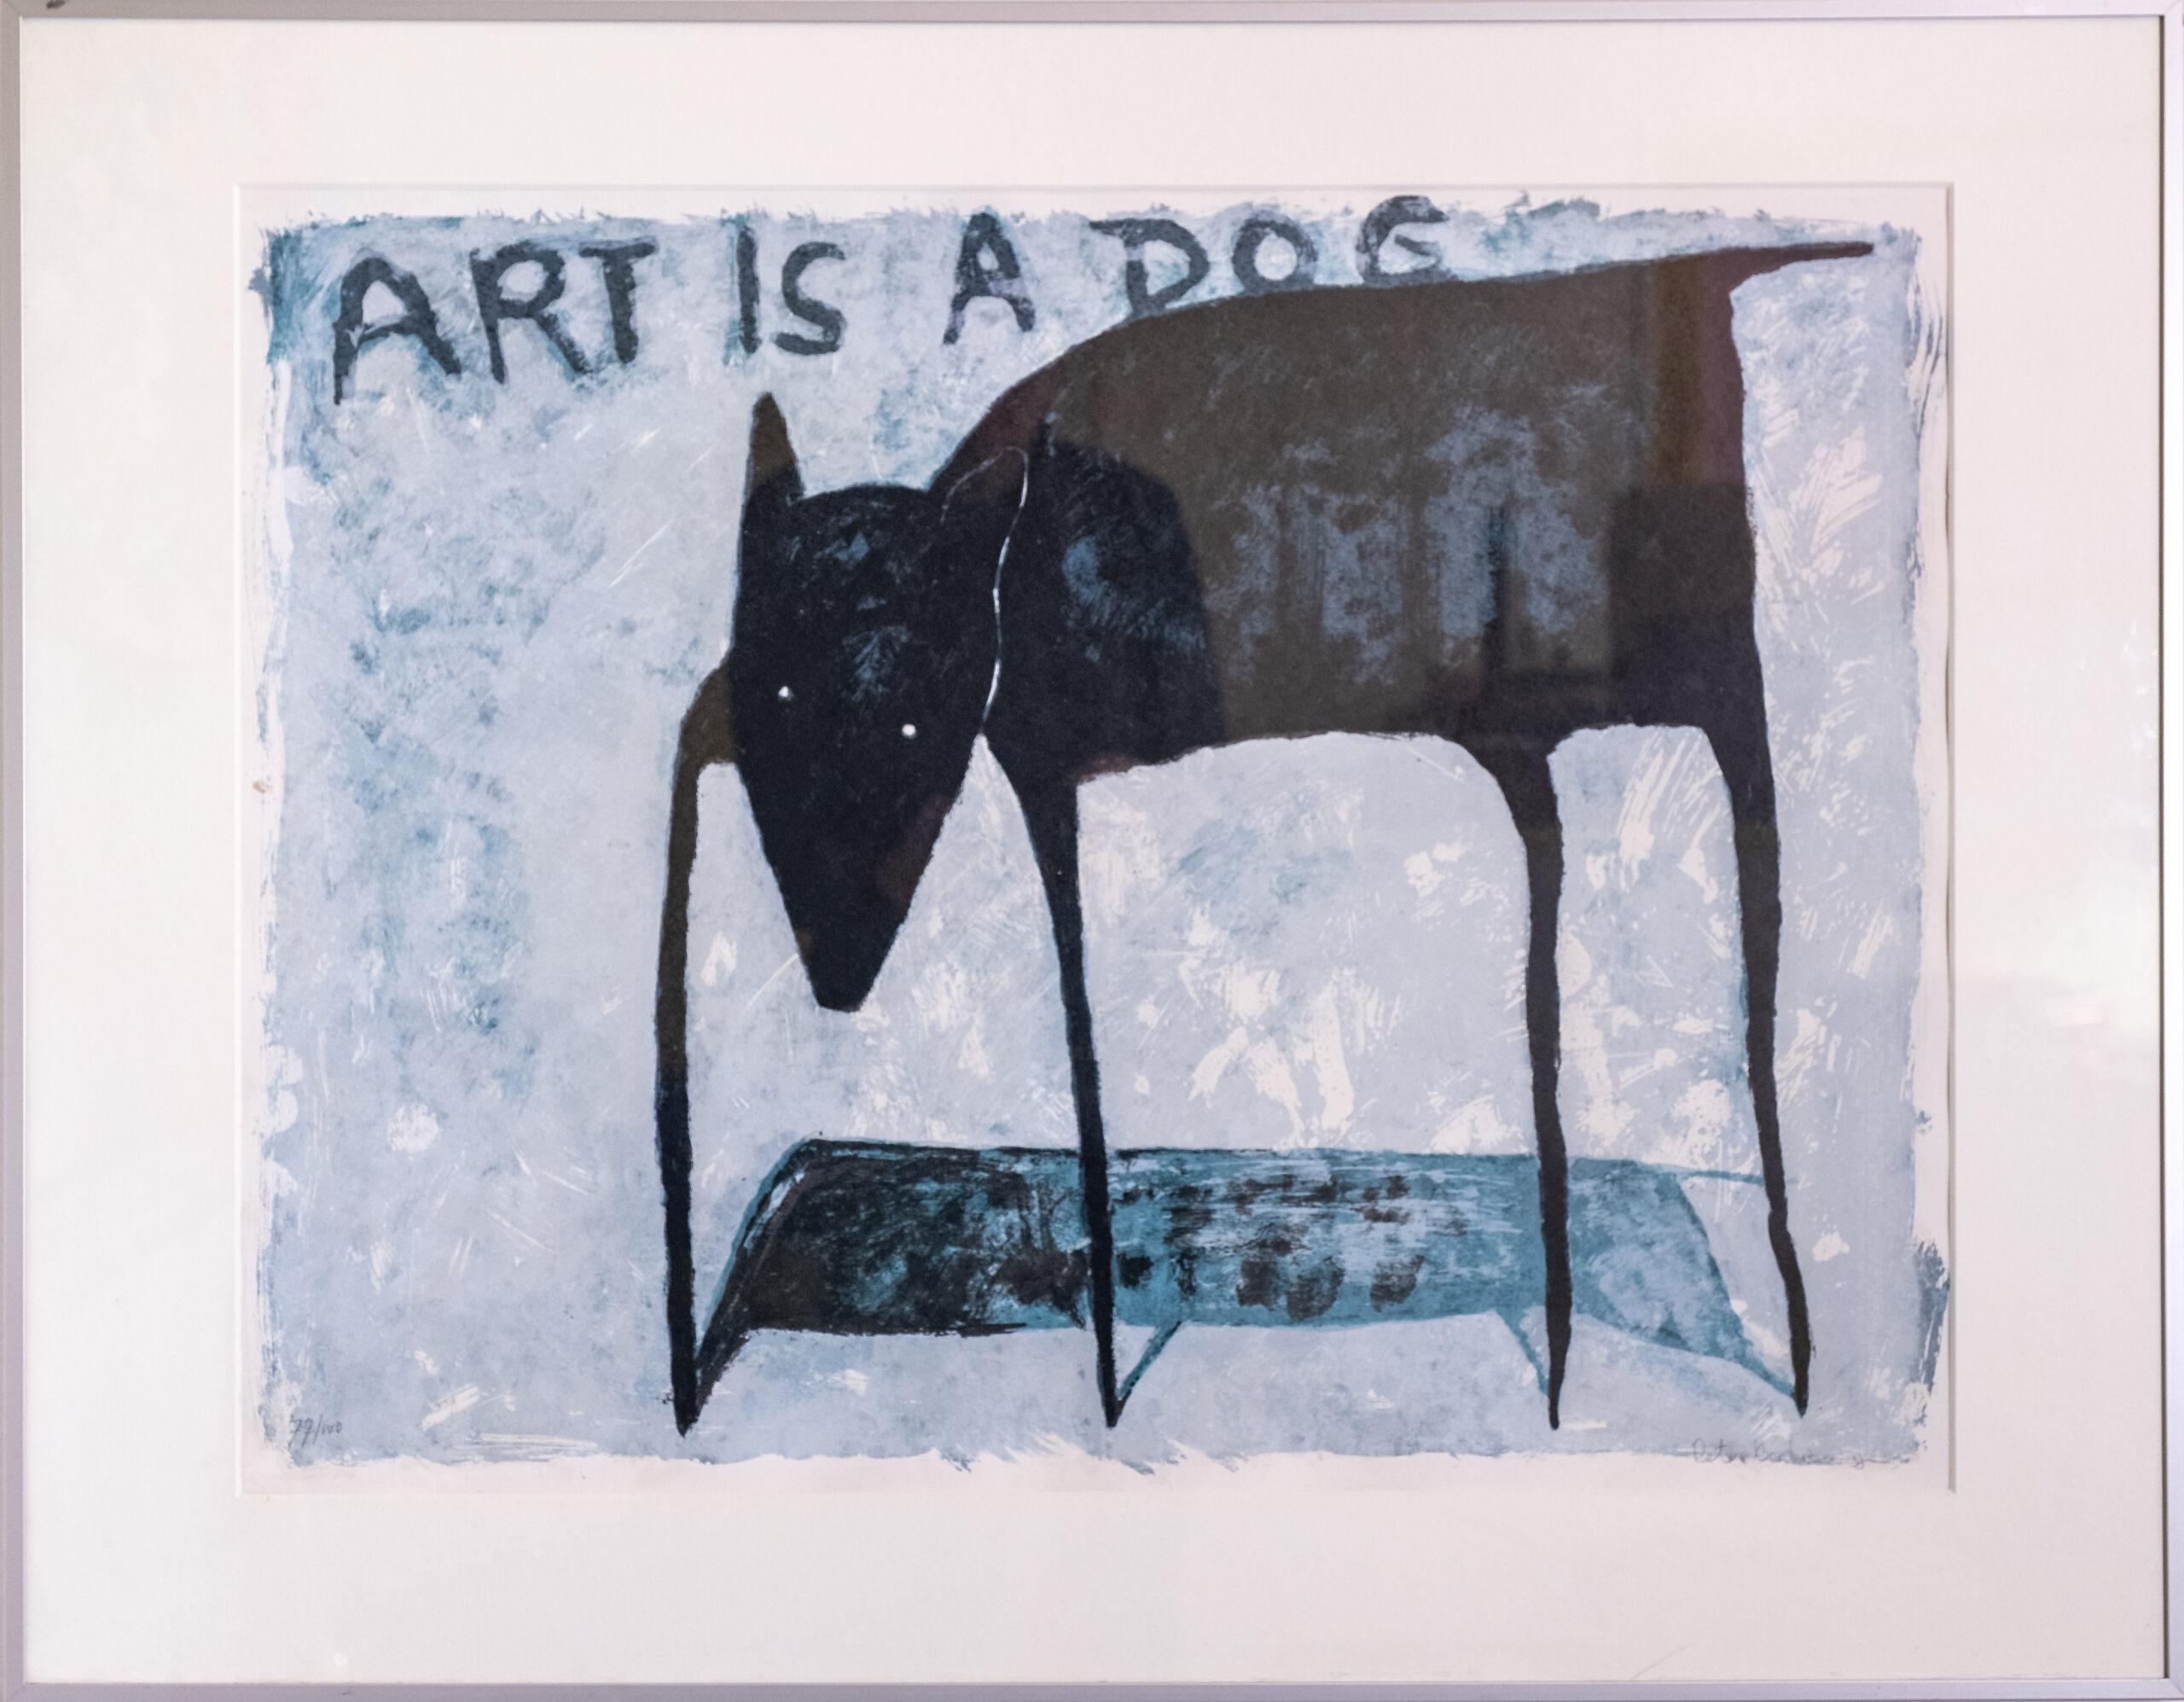 Bekijk de kunstwerken van Peter Bastiaansen en meer kunstenaars bij Het Bouwhuis in Deventer. We hebben een wisselende kunstcollectie.